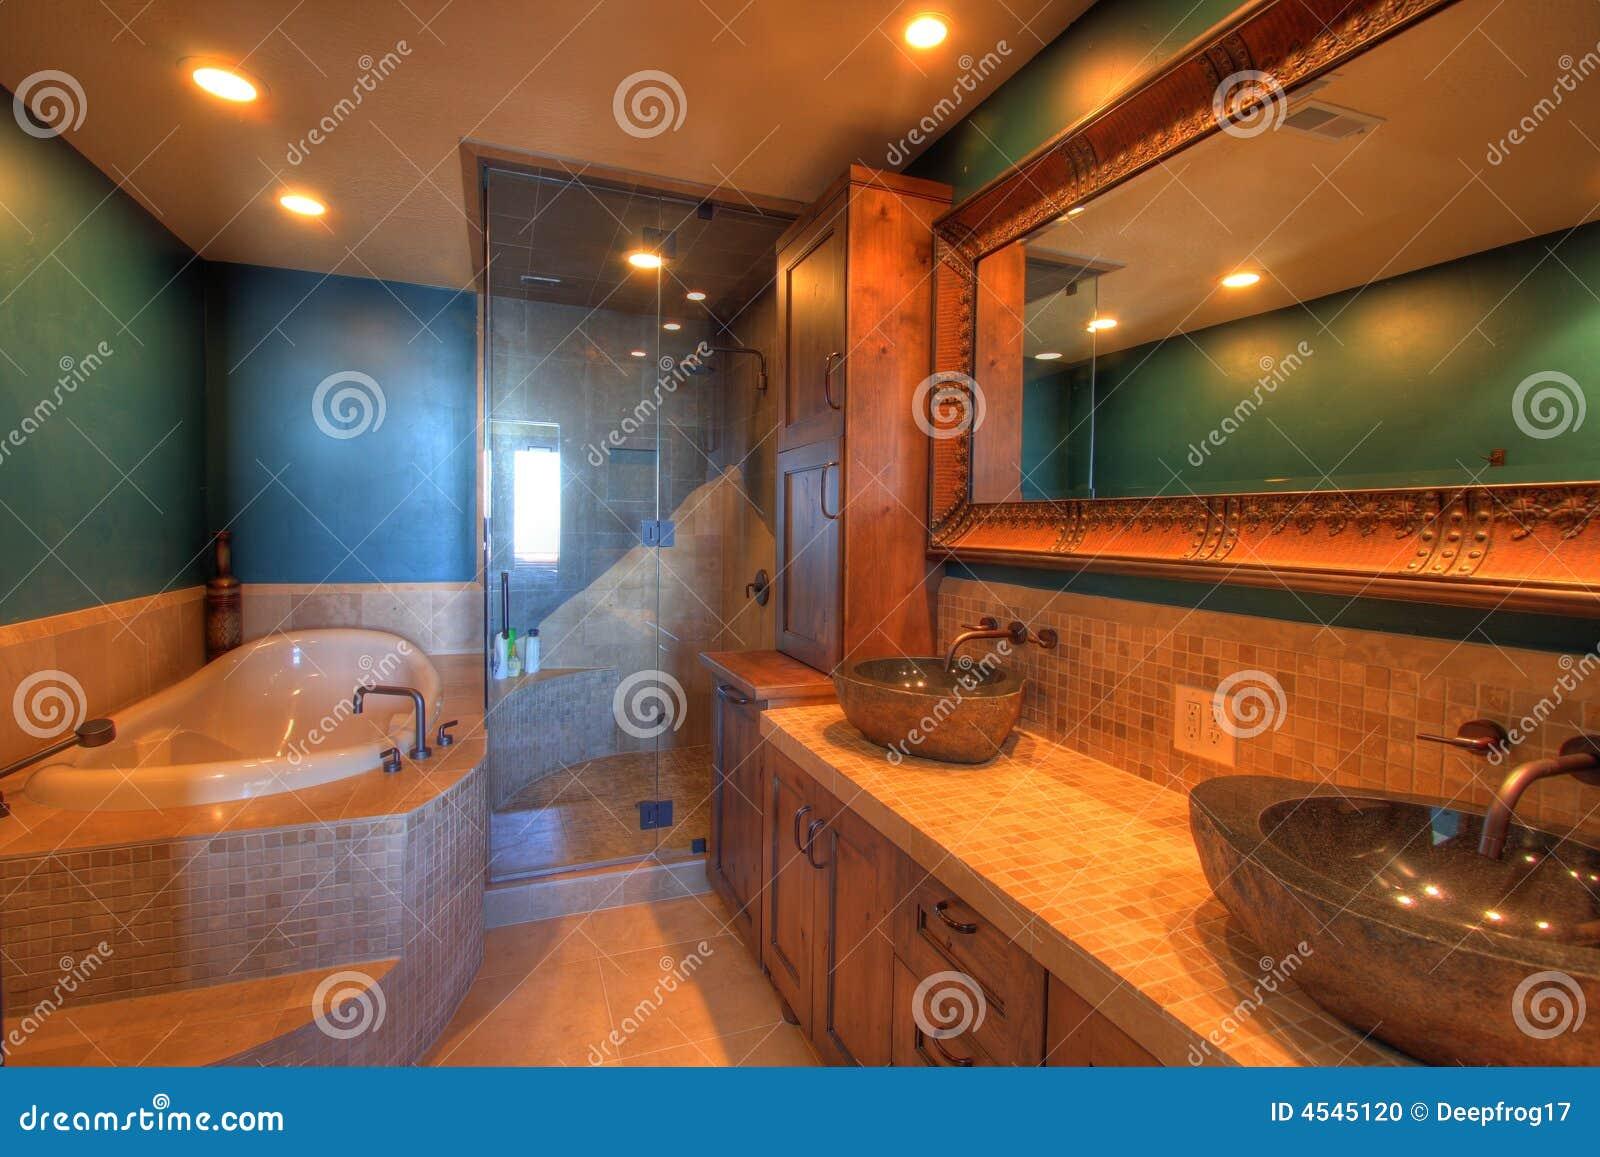 Tinas De Baño Viejas:Foto de archivo: Baño con la tina y la ducha